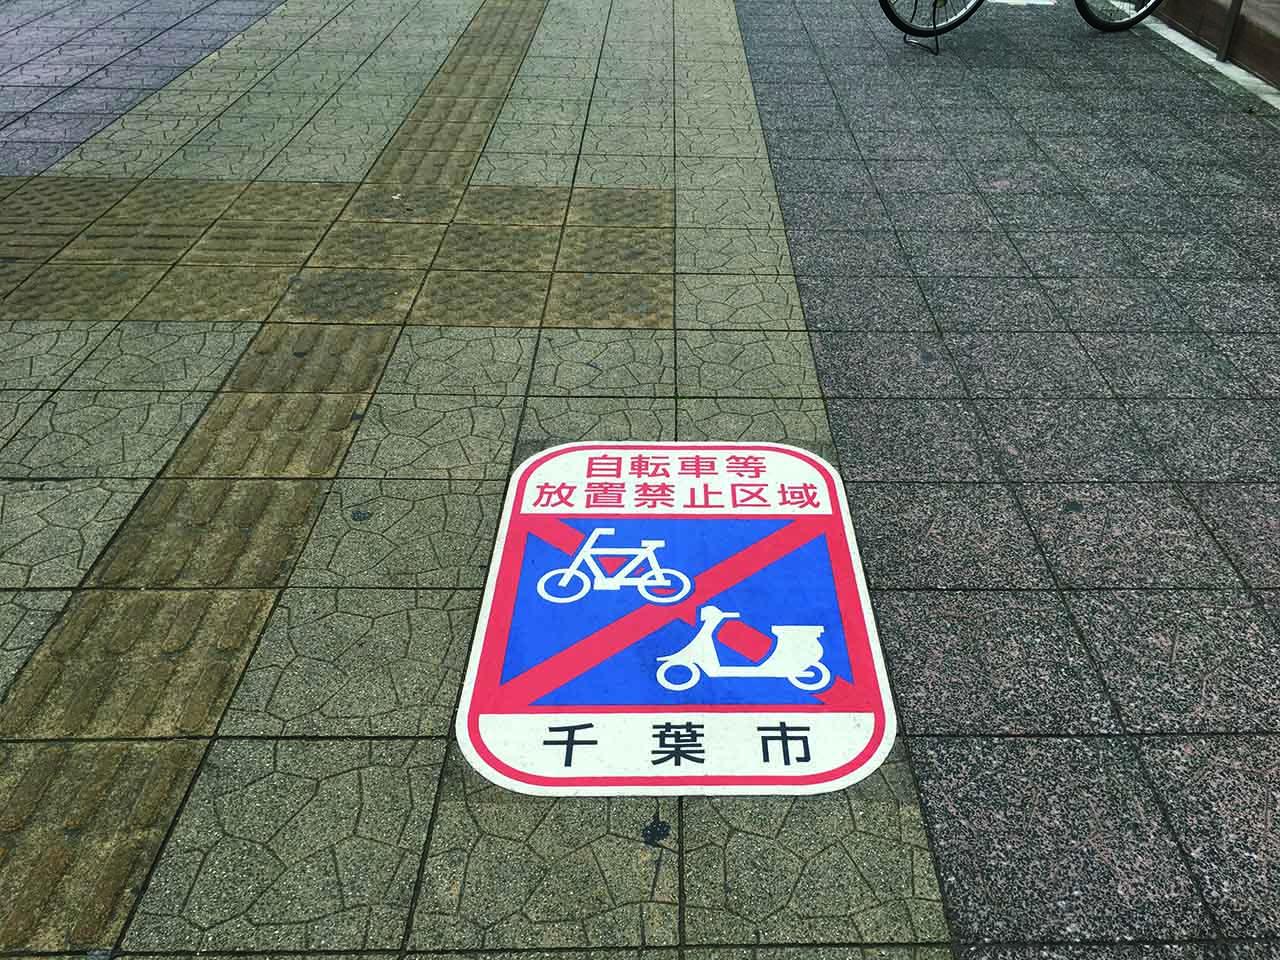 自転車放置禁止 千葉市